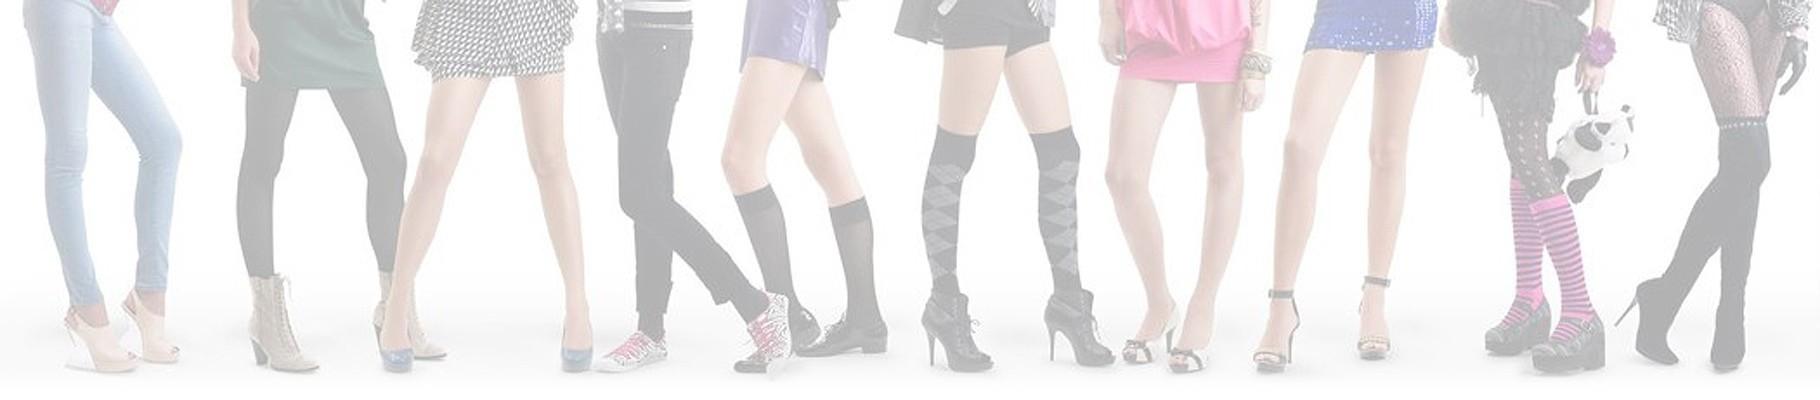 Le scarpe da donna sono l'accessorio più ricercato in qualsiasi look